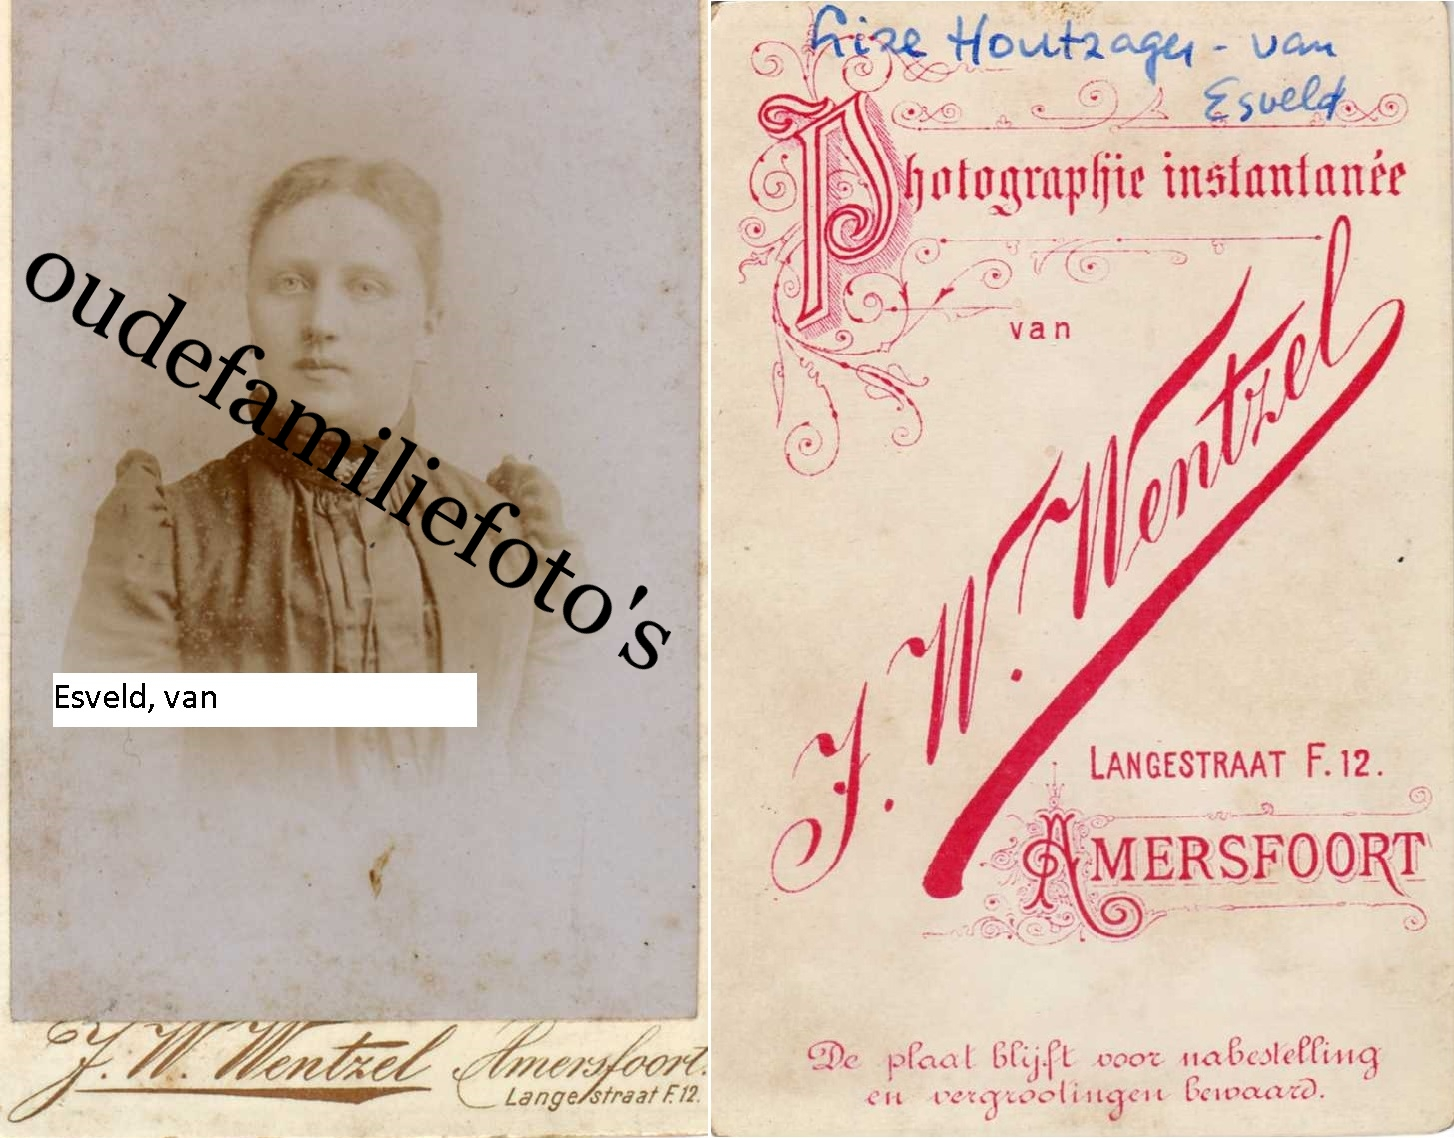 Esveld van, Elisabeth. Geb. 26-1-1874 Amersfoort ovl. 22-5-1956 Amersfoort Getrouwd met A.P Houtzager. € 3,00